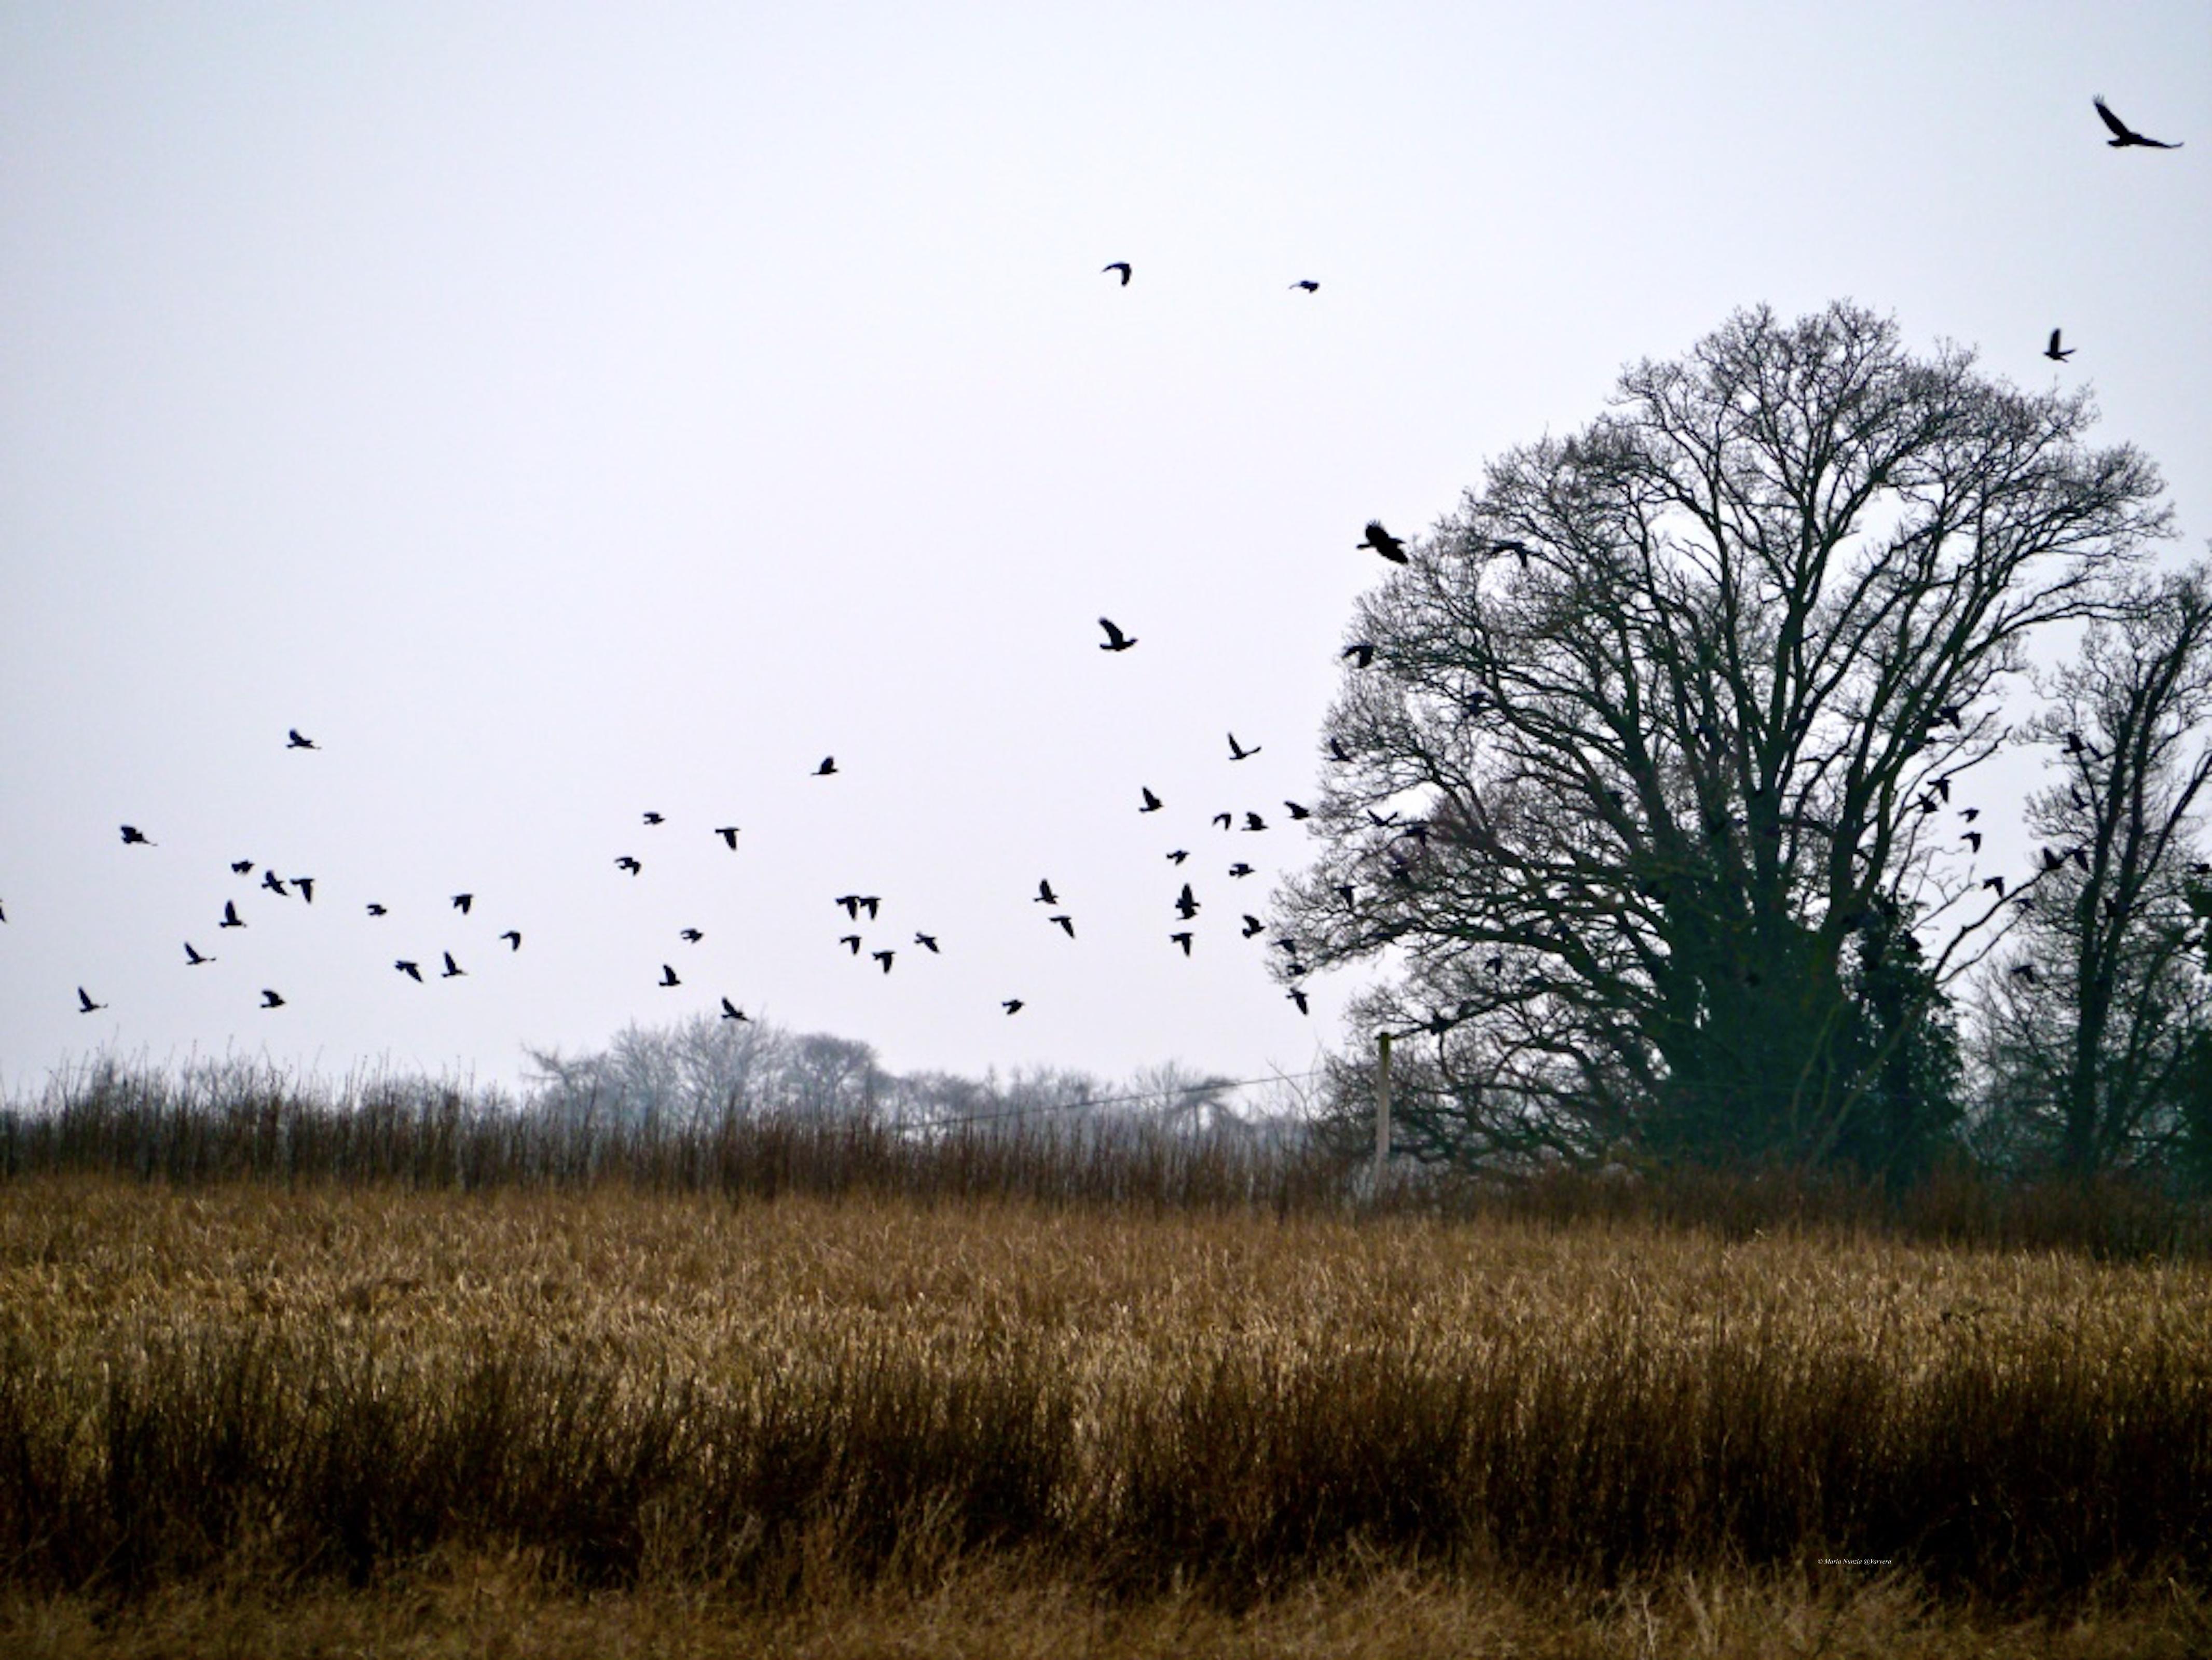 Birds in field